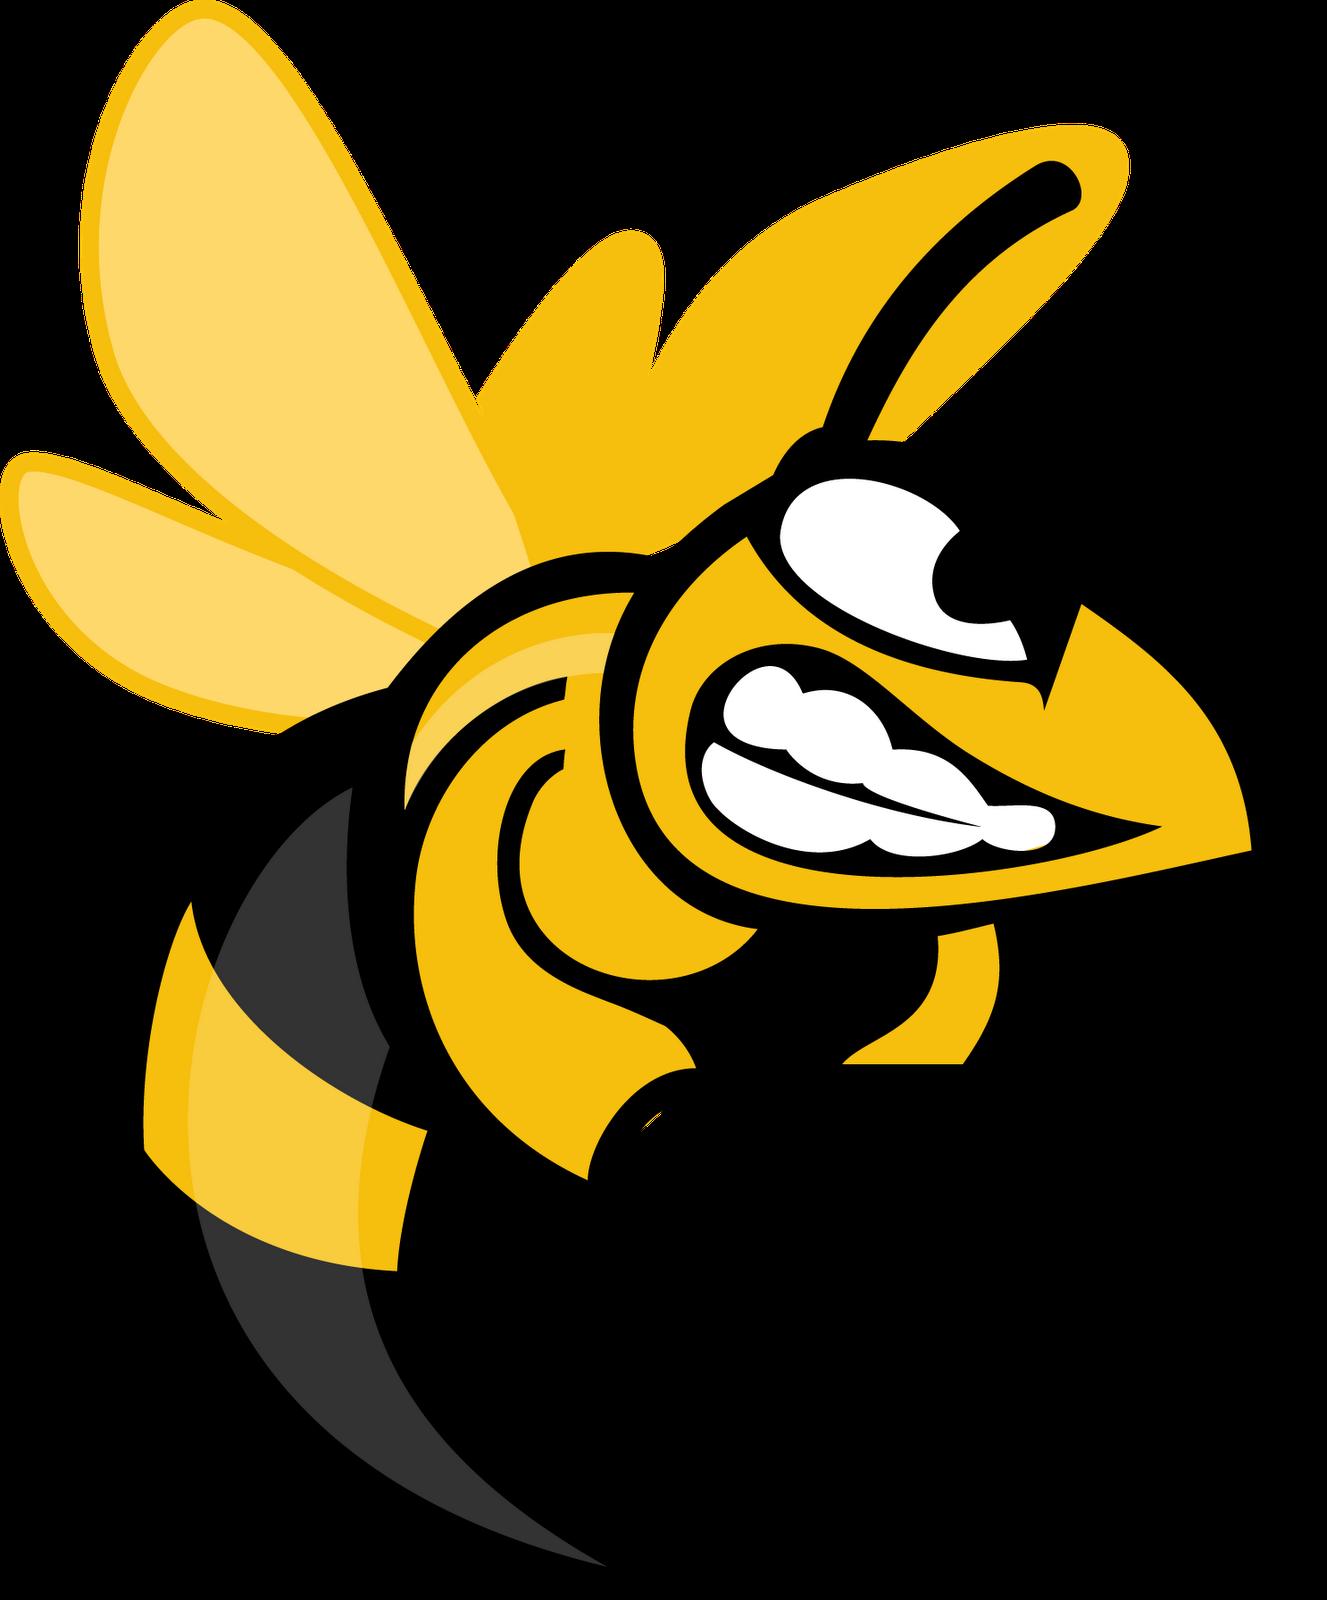 Hornet Clipart & Hornet Clip Art Images.